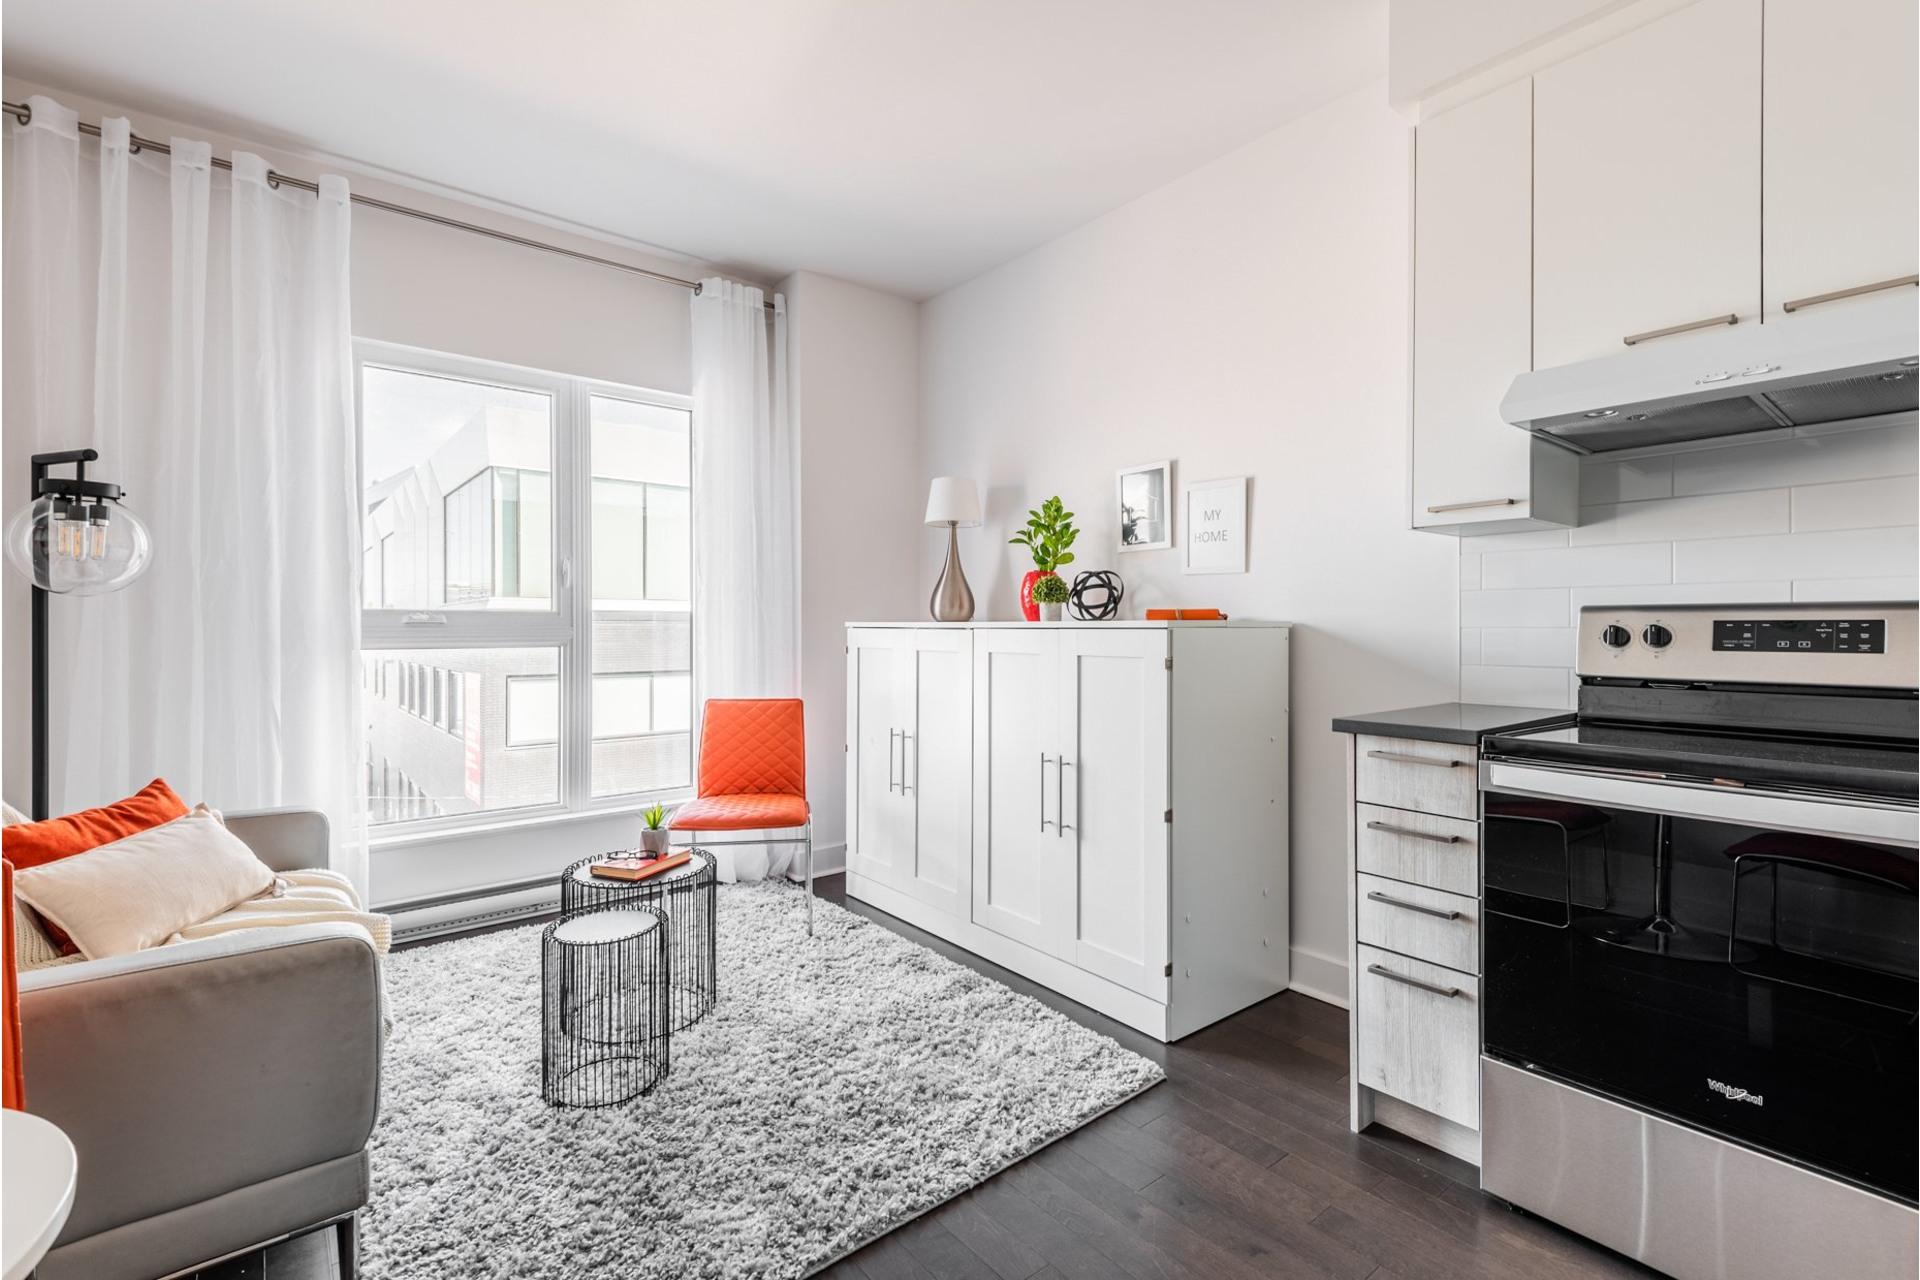 image 1 - Appartement À vendre Villeray/Saint-Michel/Parc-Extension Montréal  - 3 pièces